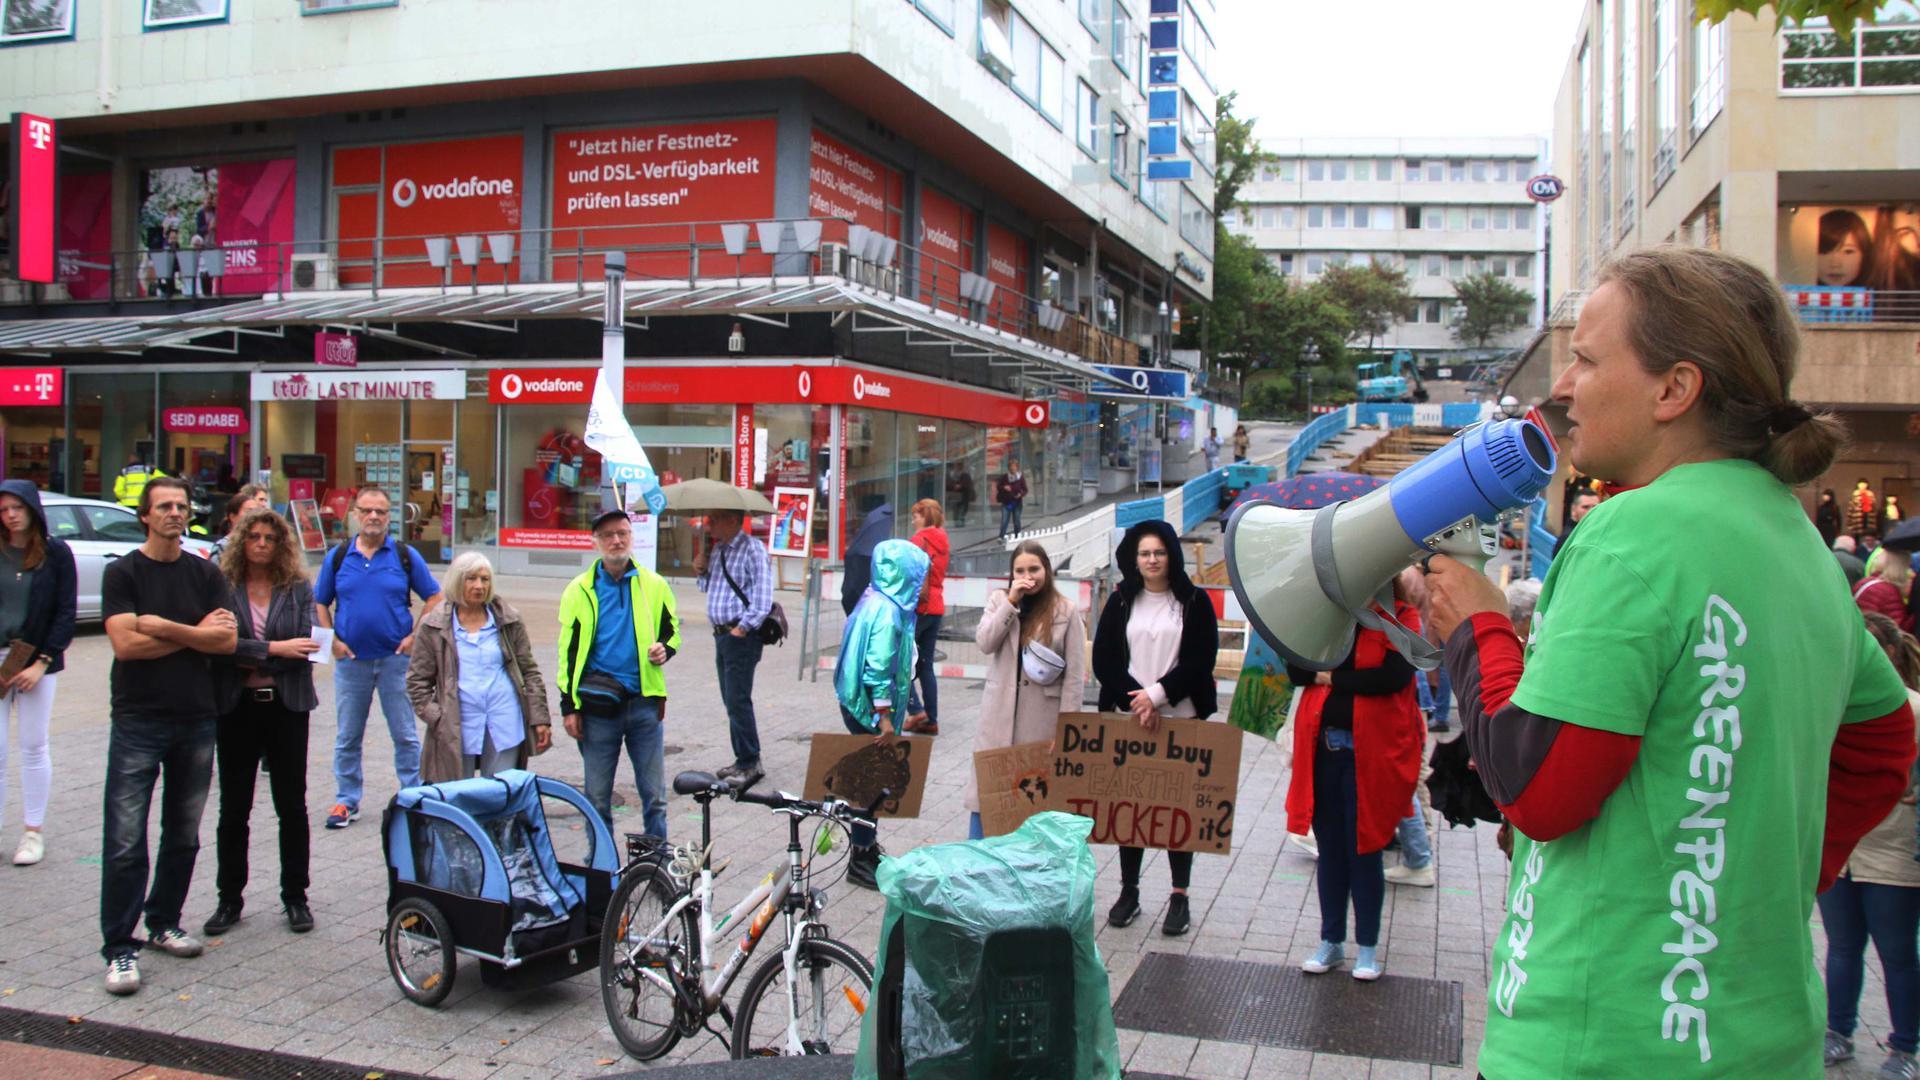 Nach der Großdemo am vergangenen Freitag kamen im verregneten Pforzheim nun weit weniger Menschen zusammen.